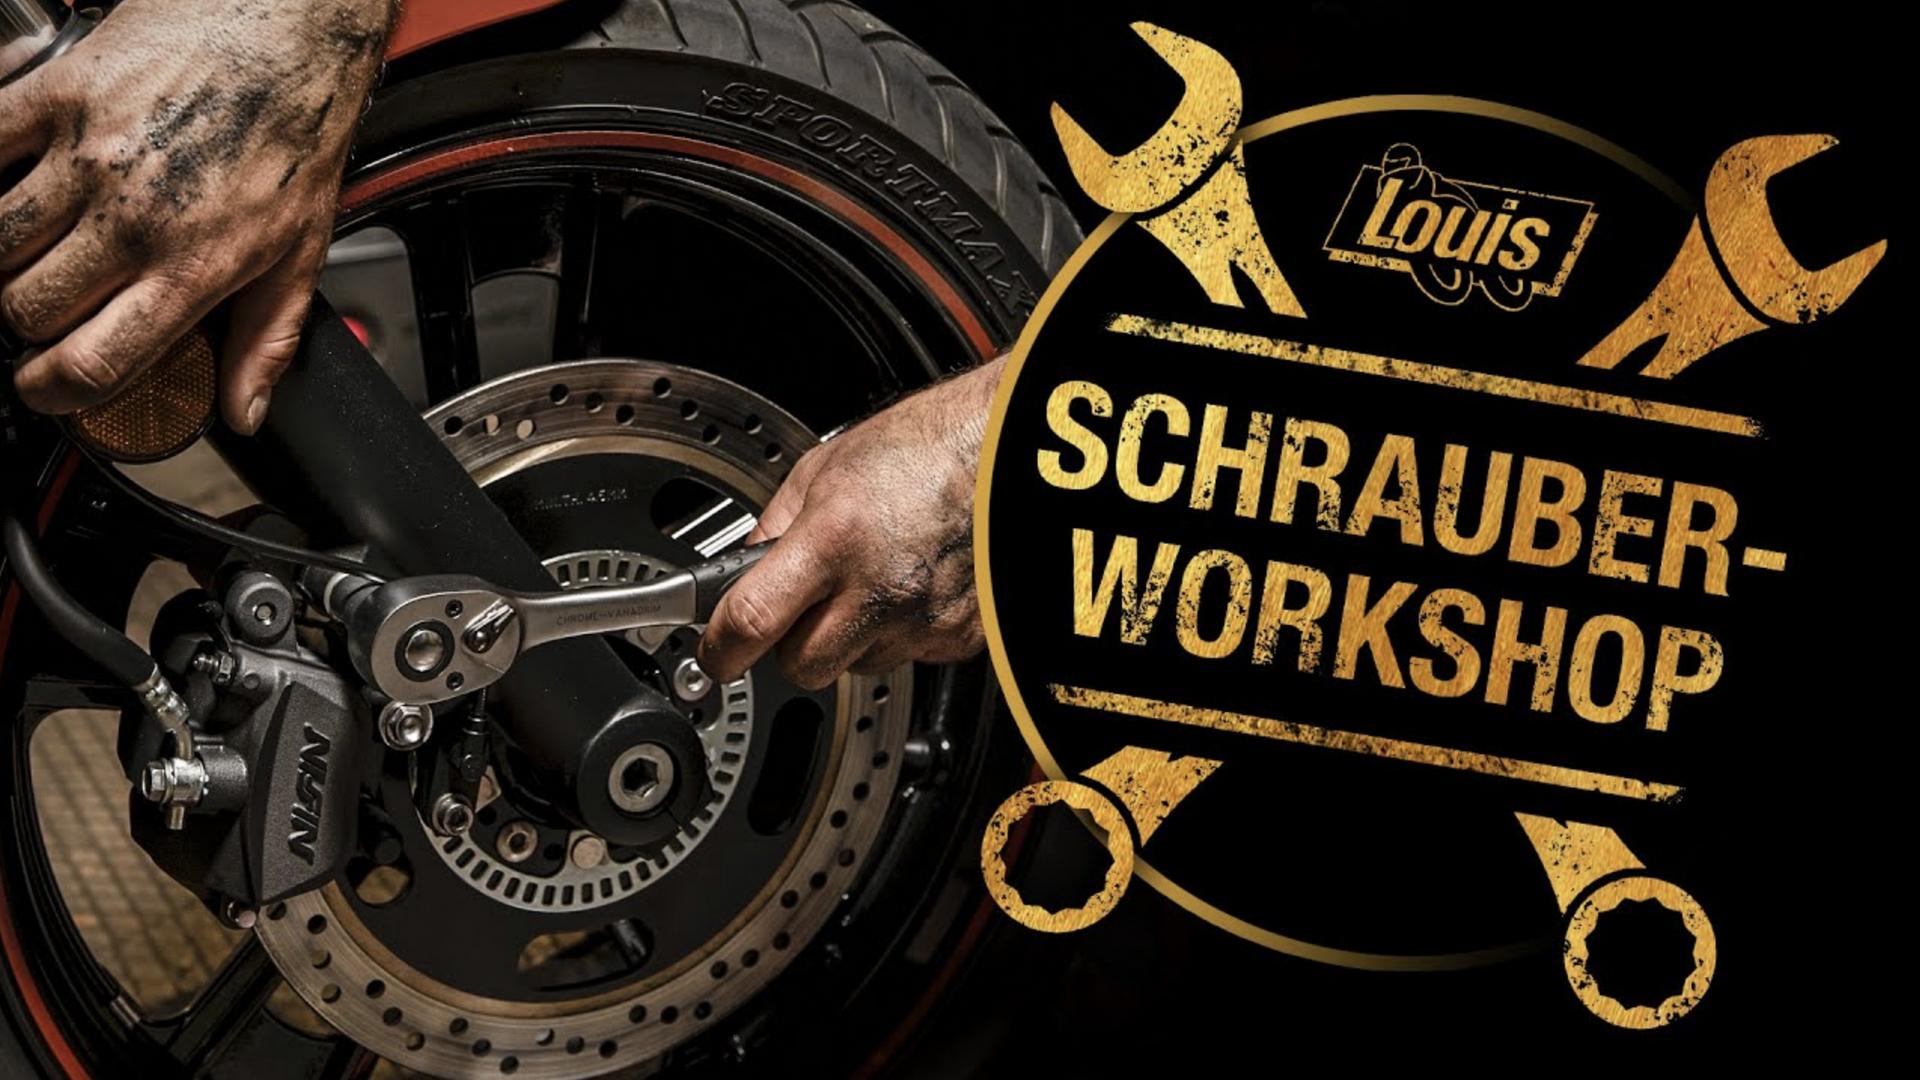 Schrauber-Workshops bei Louis!